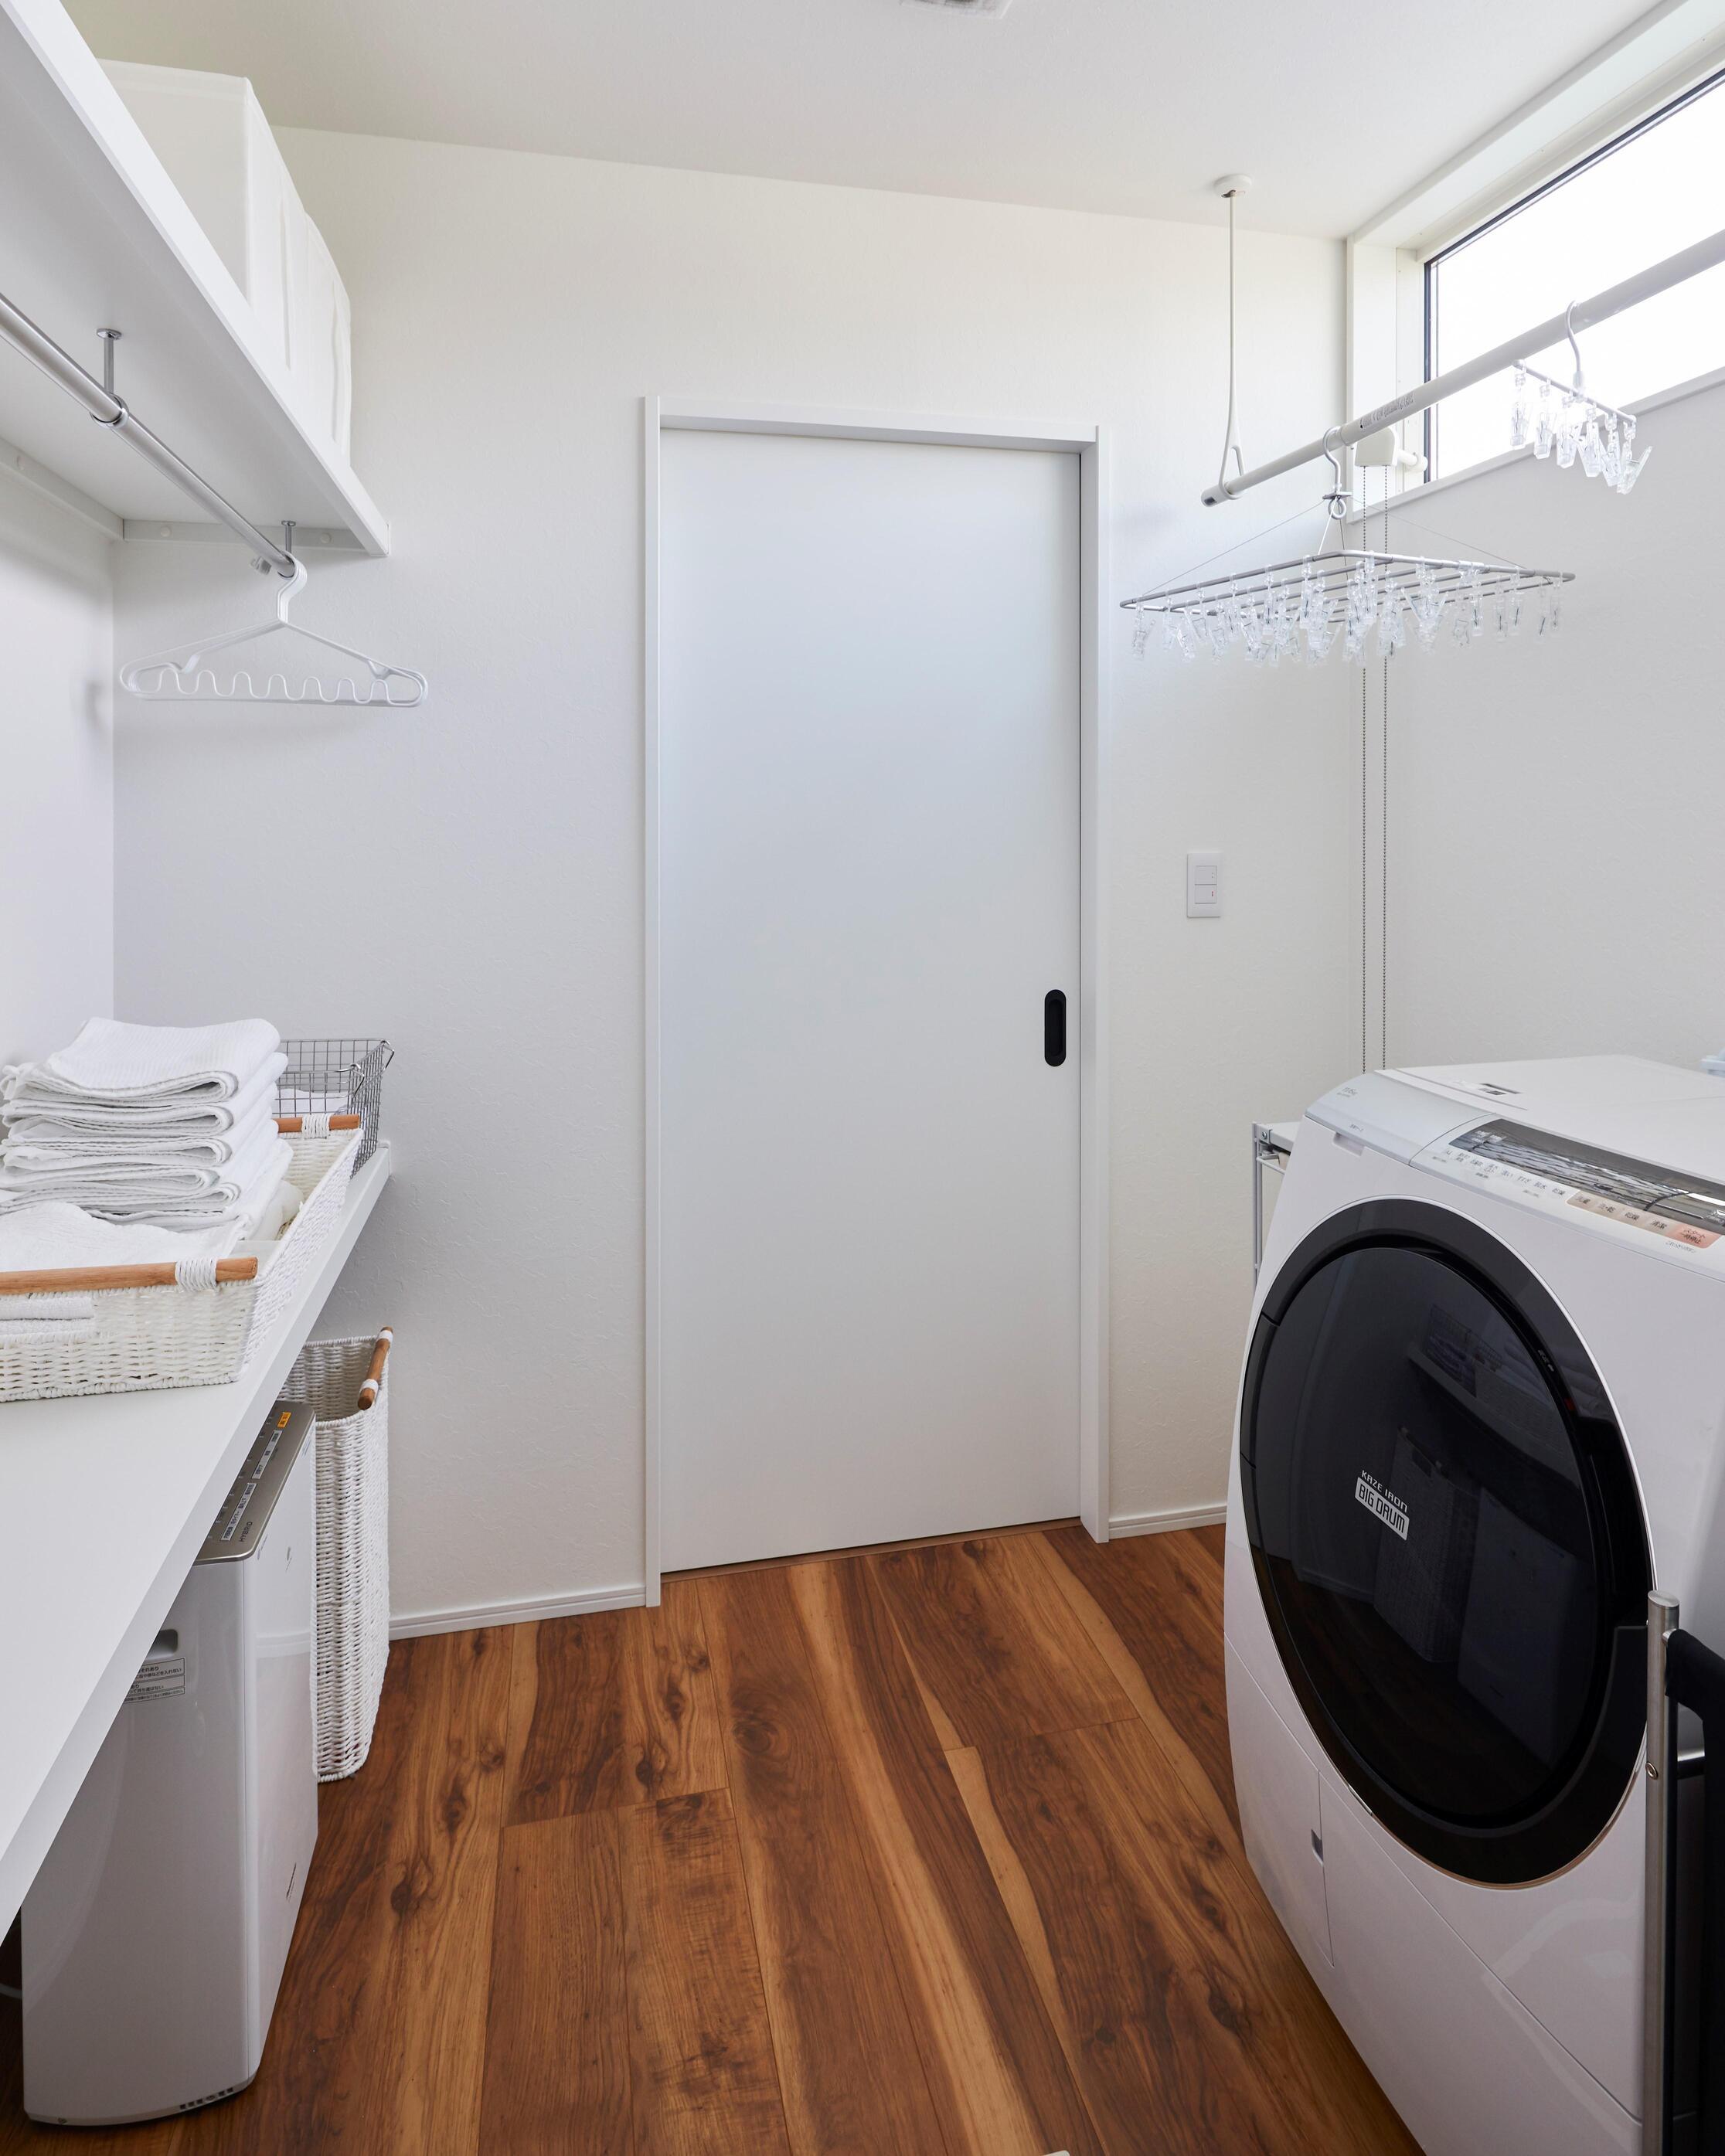 ランドリールームでは洗濯→乾燥→畳むの一連の動作を完結できる